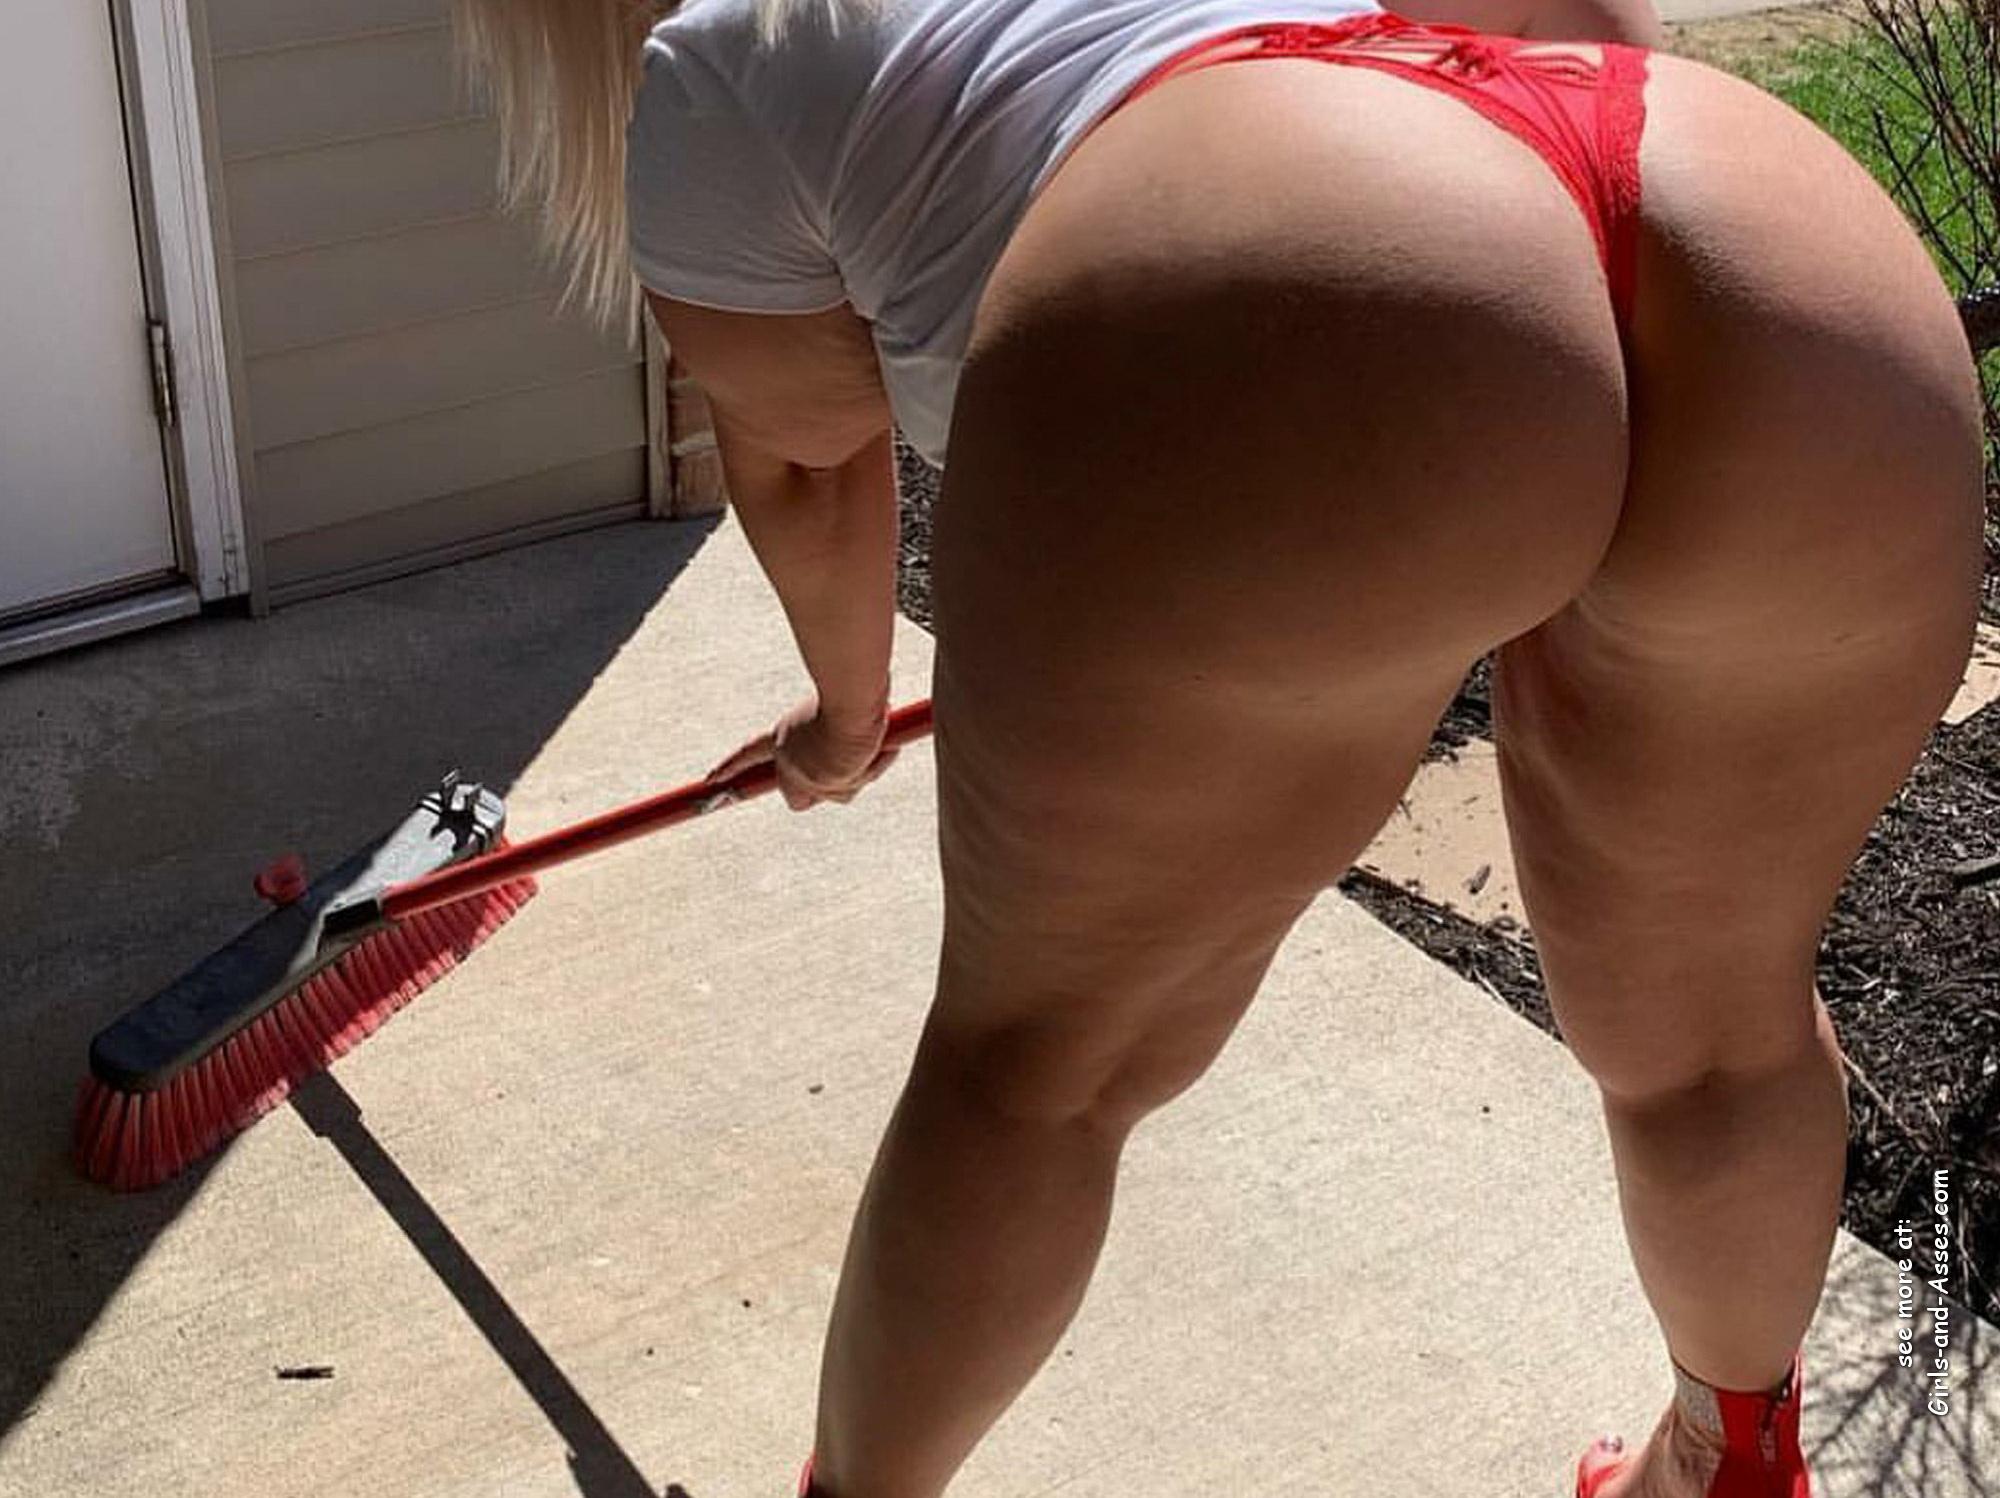 big assed naked brazilian babe photo 01455